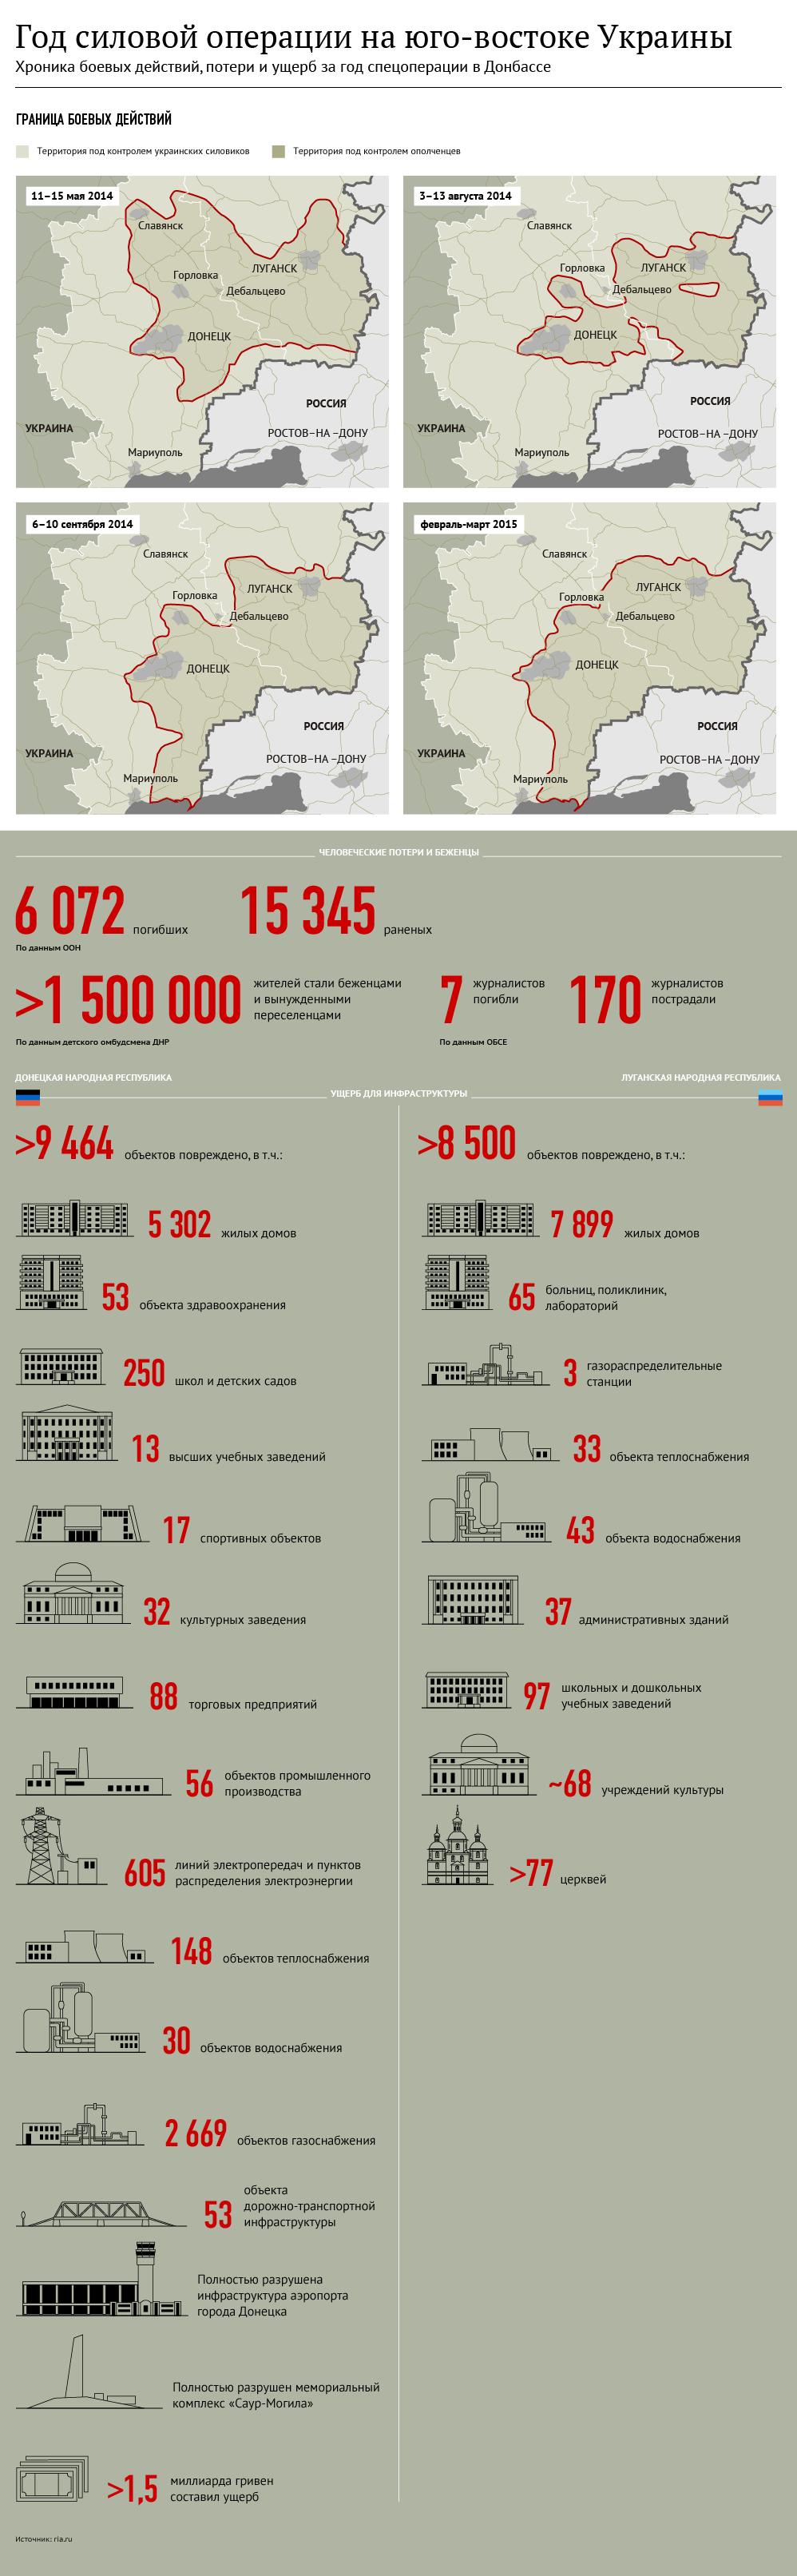 Год силовой операции на юго-востоке Украины. Инфографика - Sputnik Таджикистан